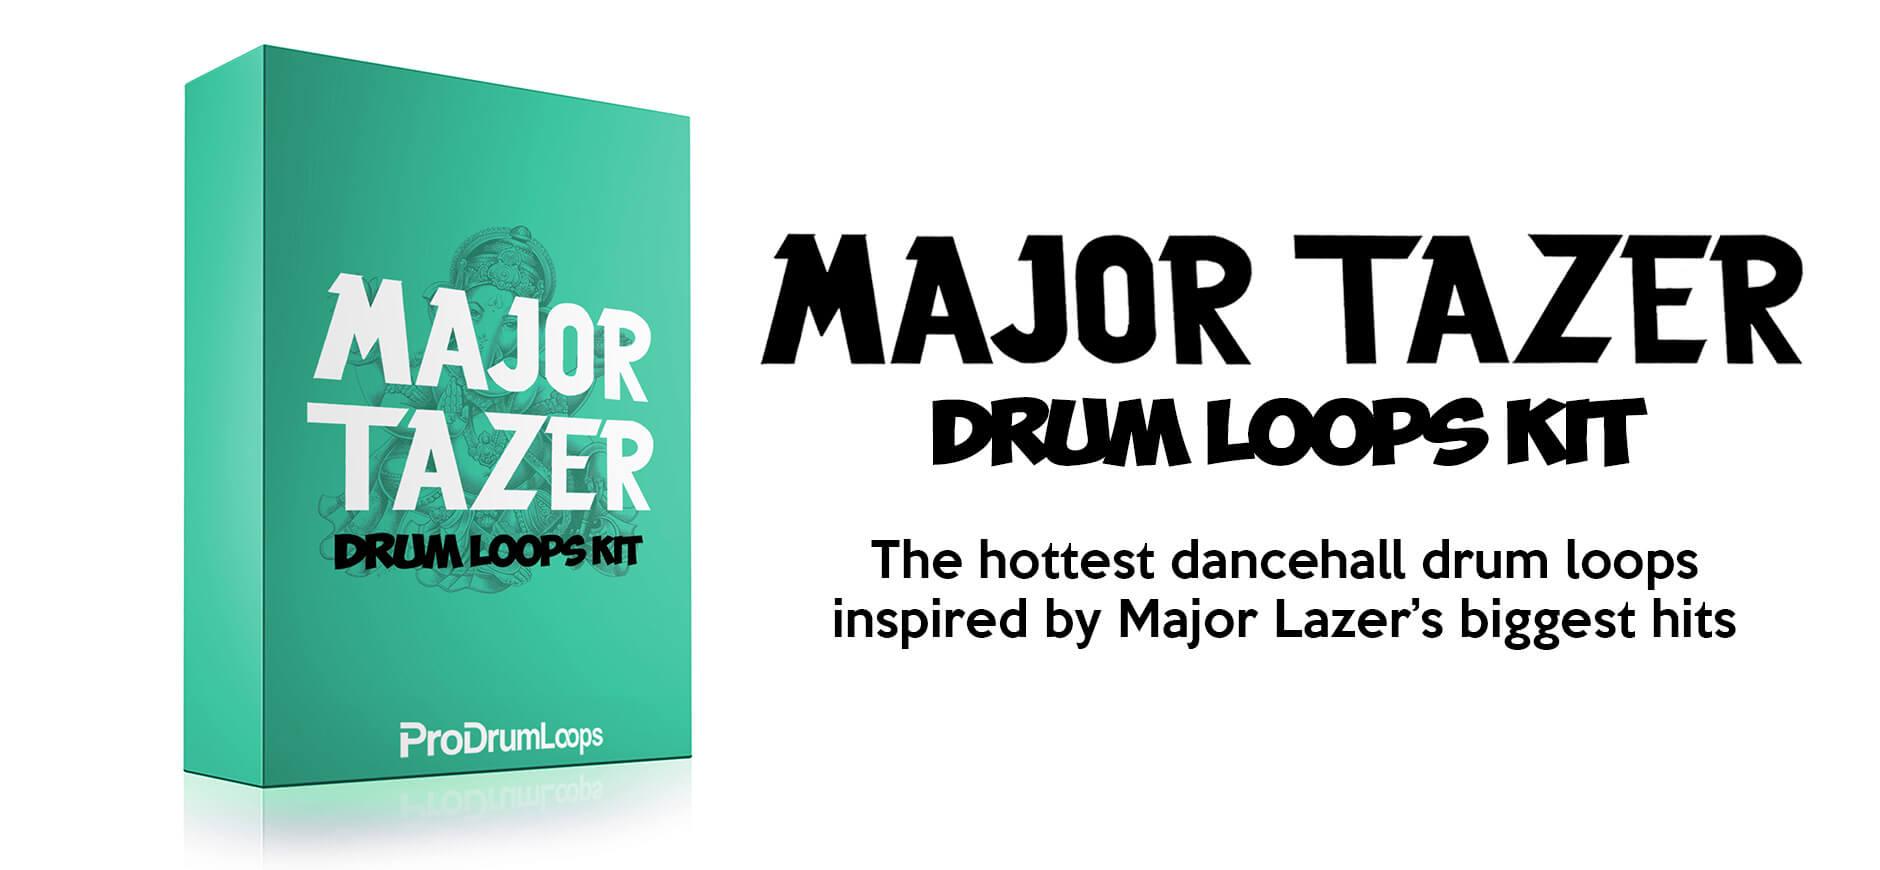 Major Lazer Drum Loops Kit